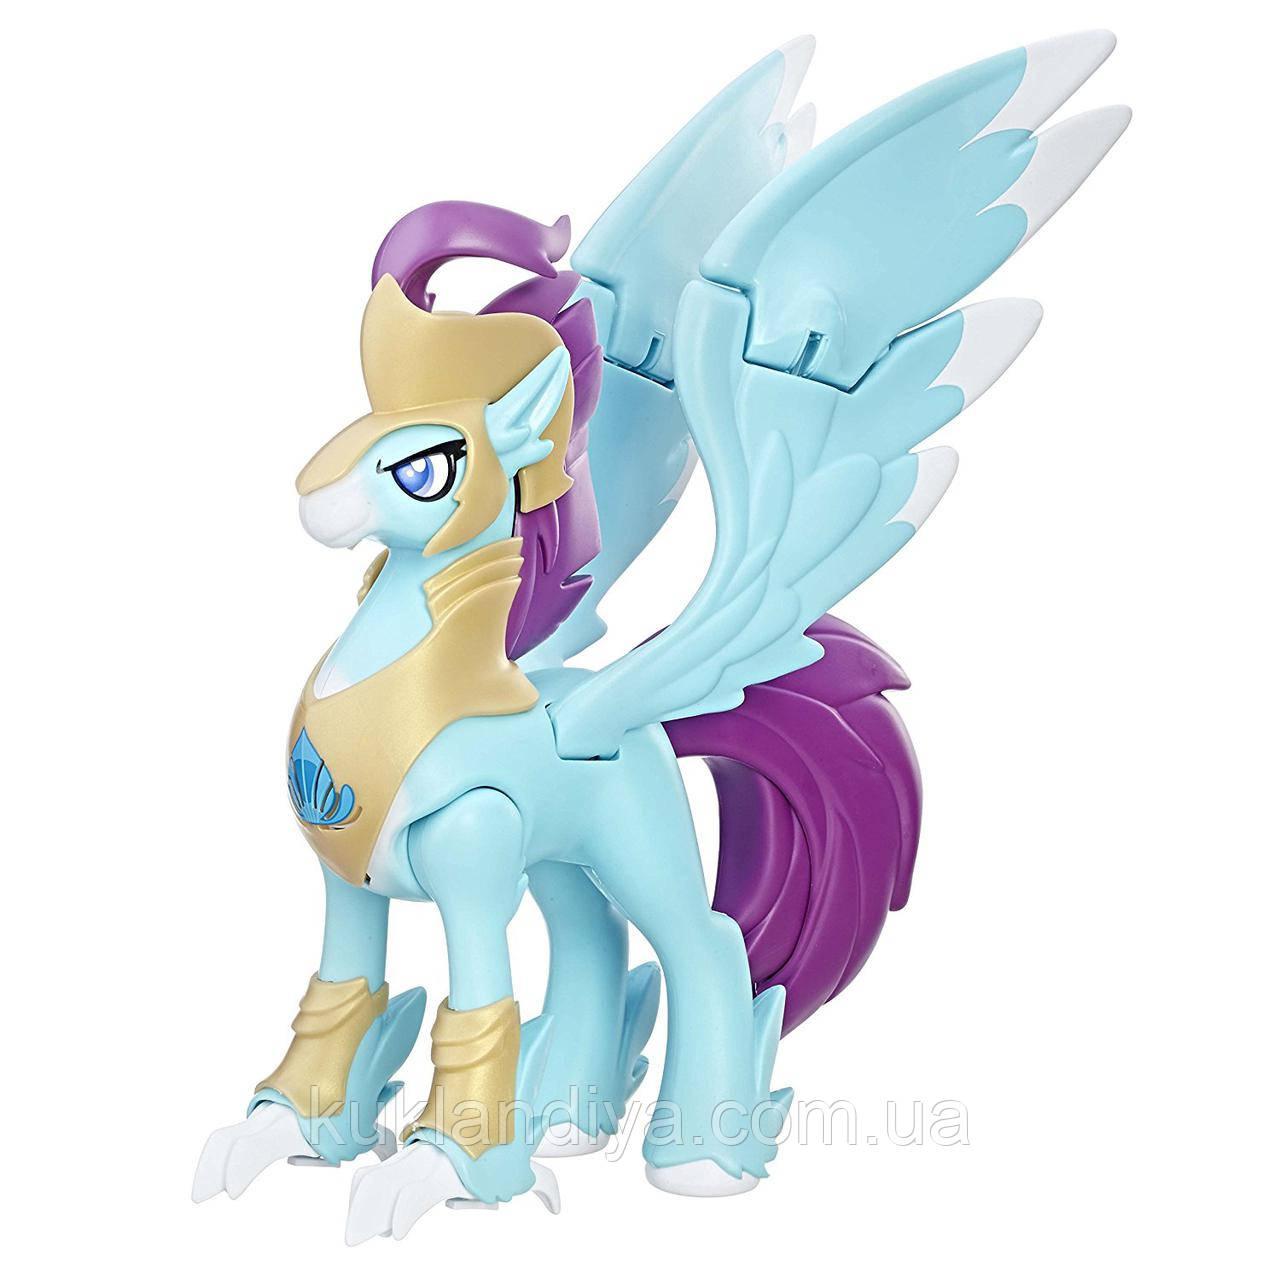 Гипогриф Стратус Скайрейнджер My Little Pony фігурка охоронця зі звуковими ефектами